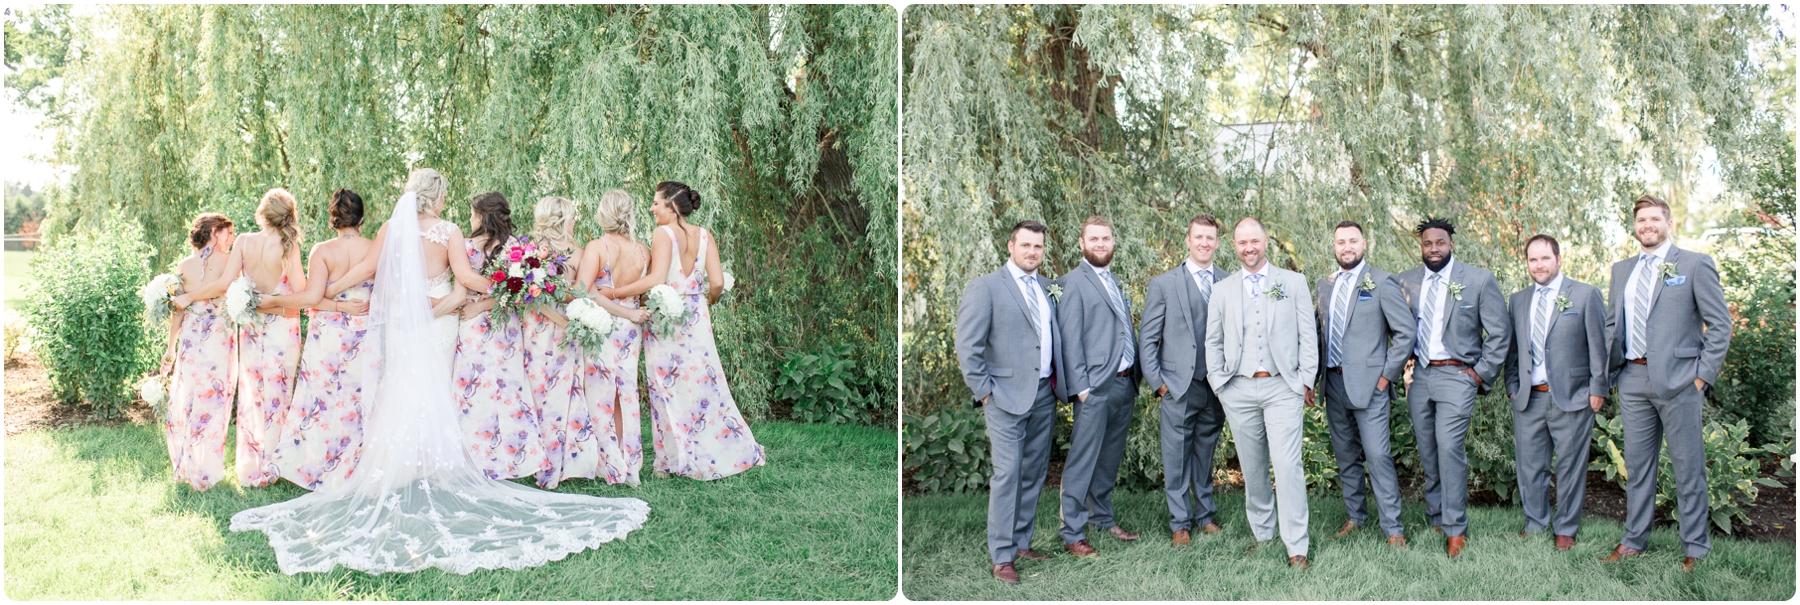 Katie+Jeff Bloom Field Garden_0073